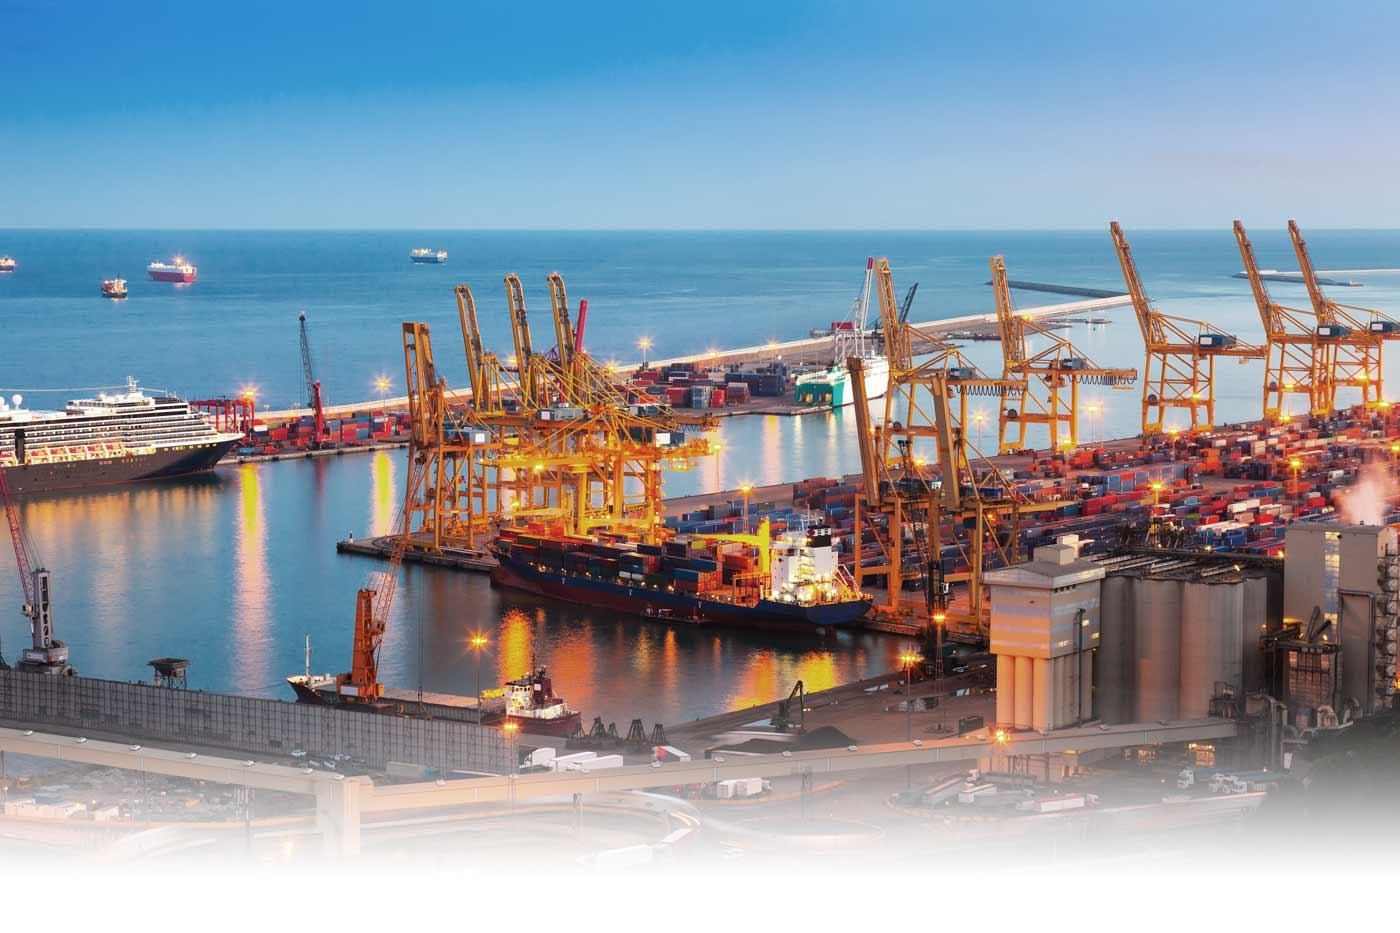 Ambarli-liman-tasimacilik-lojistik-hizmet